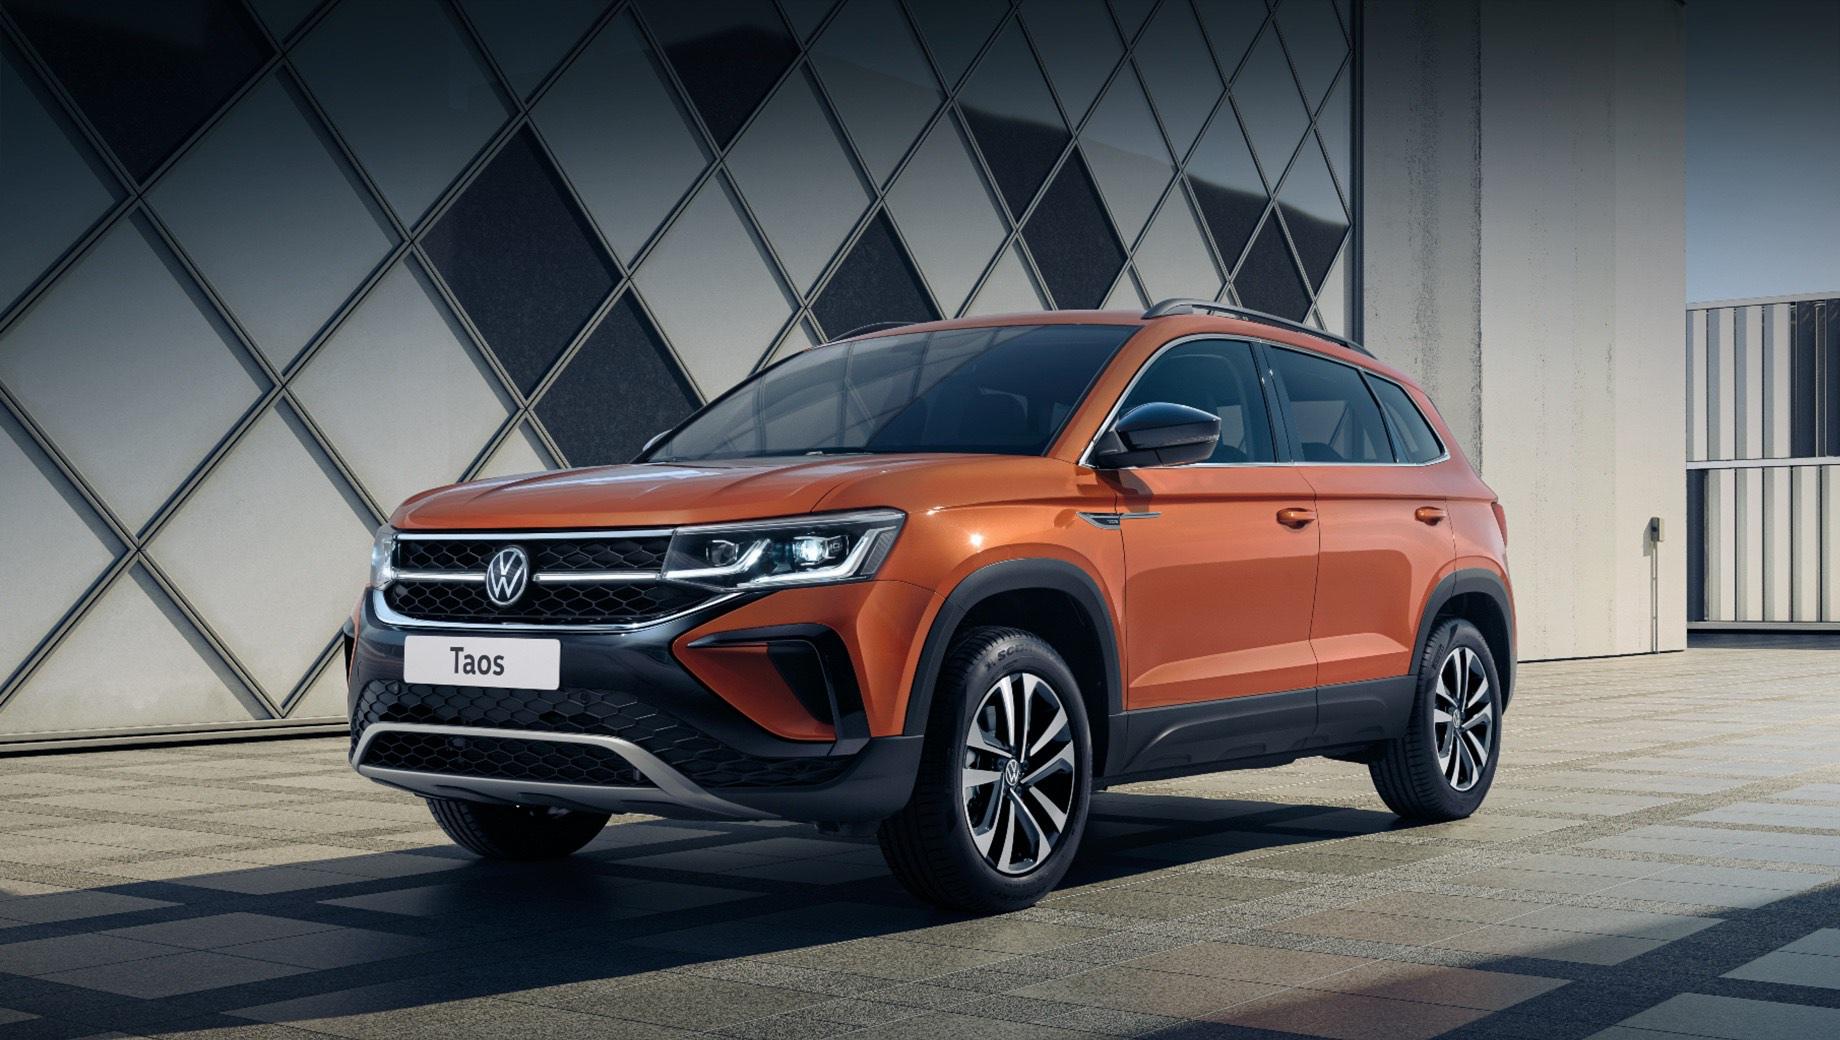 Российский Volkswagen Taos поступит в продажу летом